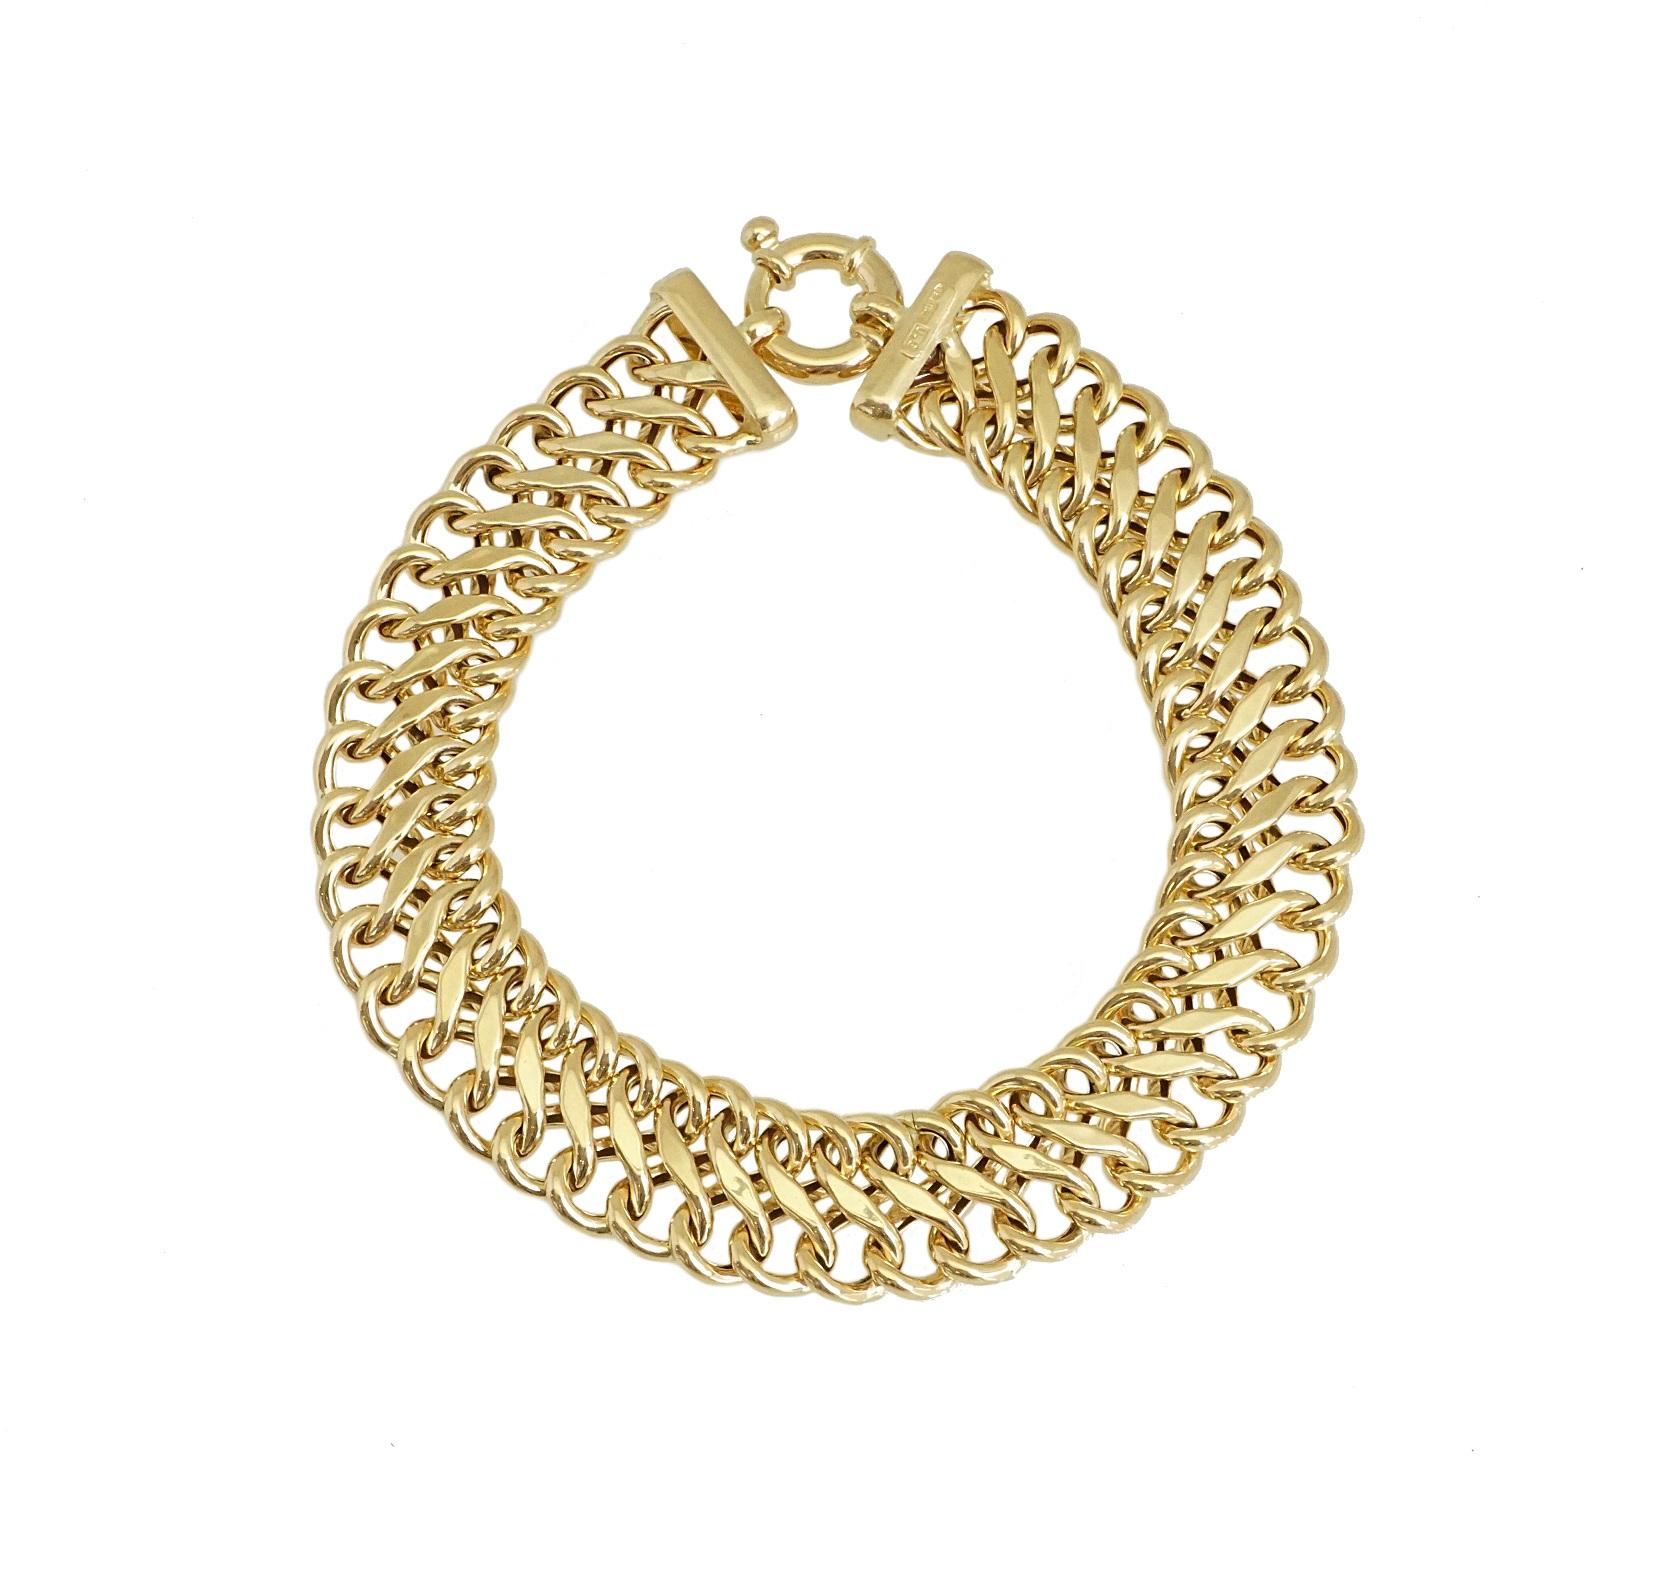 צמיד זהב חוליות לאישה|צמיד מיוחד רחב